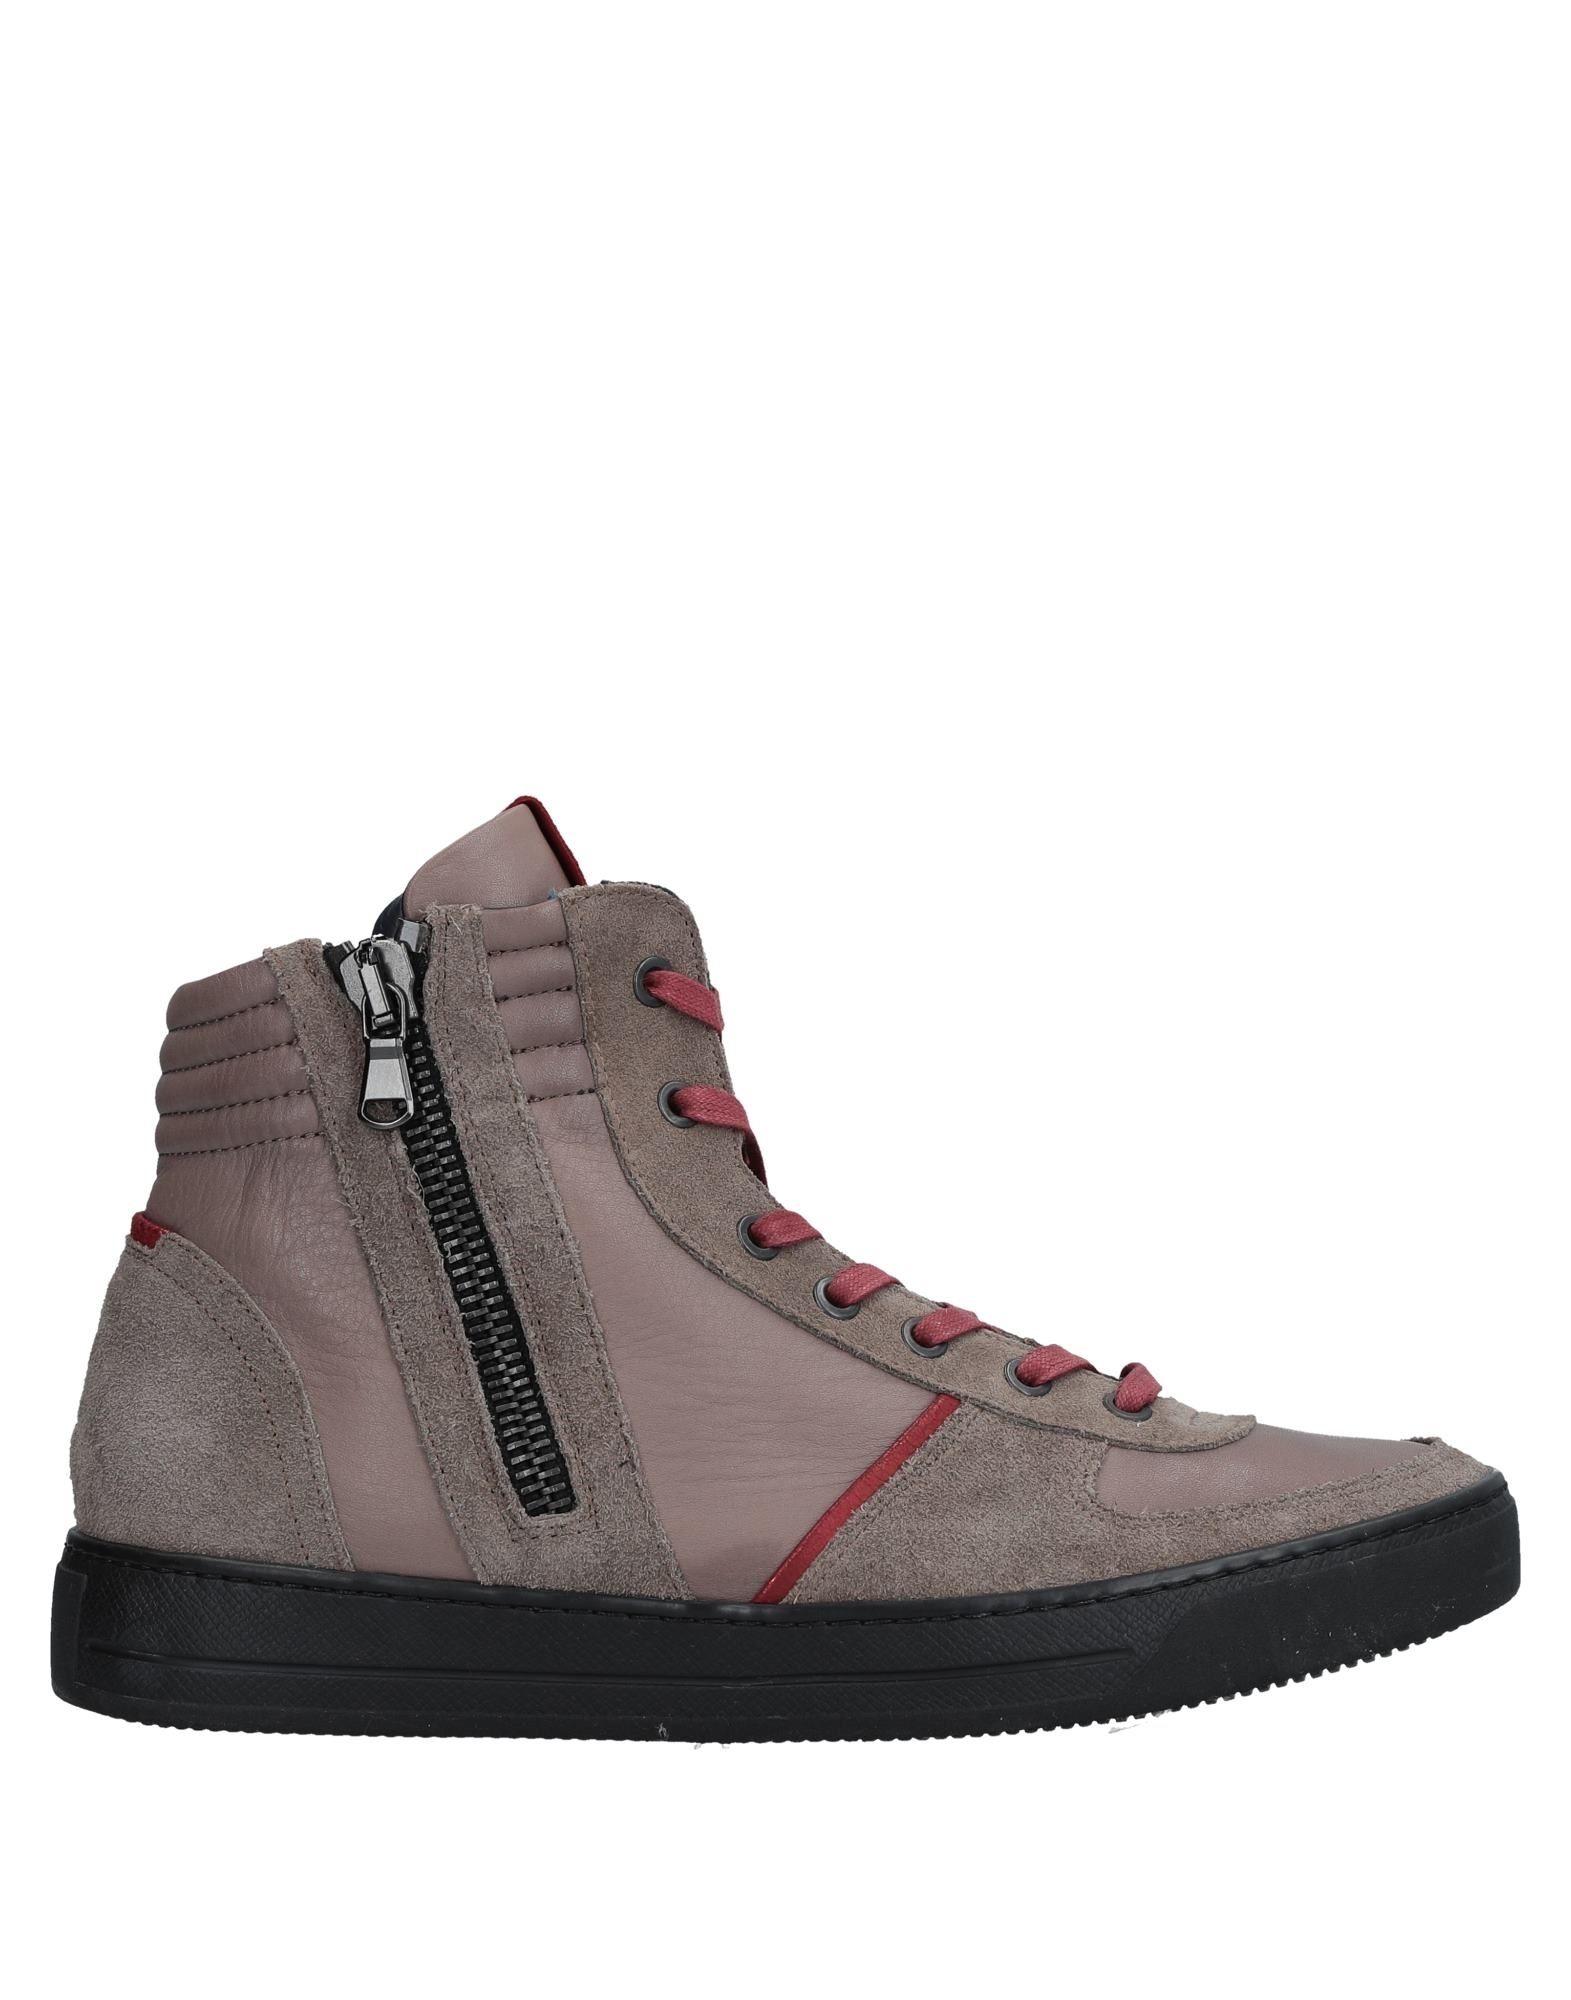 Lab. Pal Zileri Sneakers Herren  11543969FL 11543969FL  236d0f